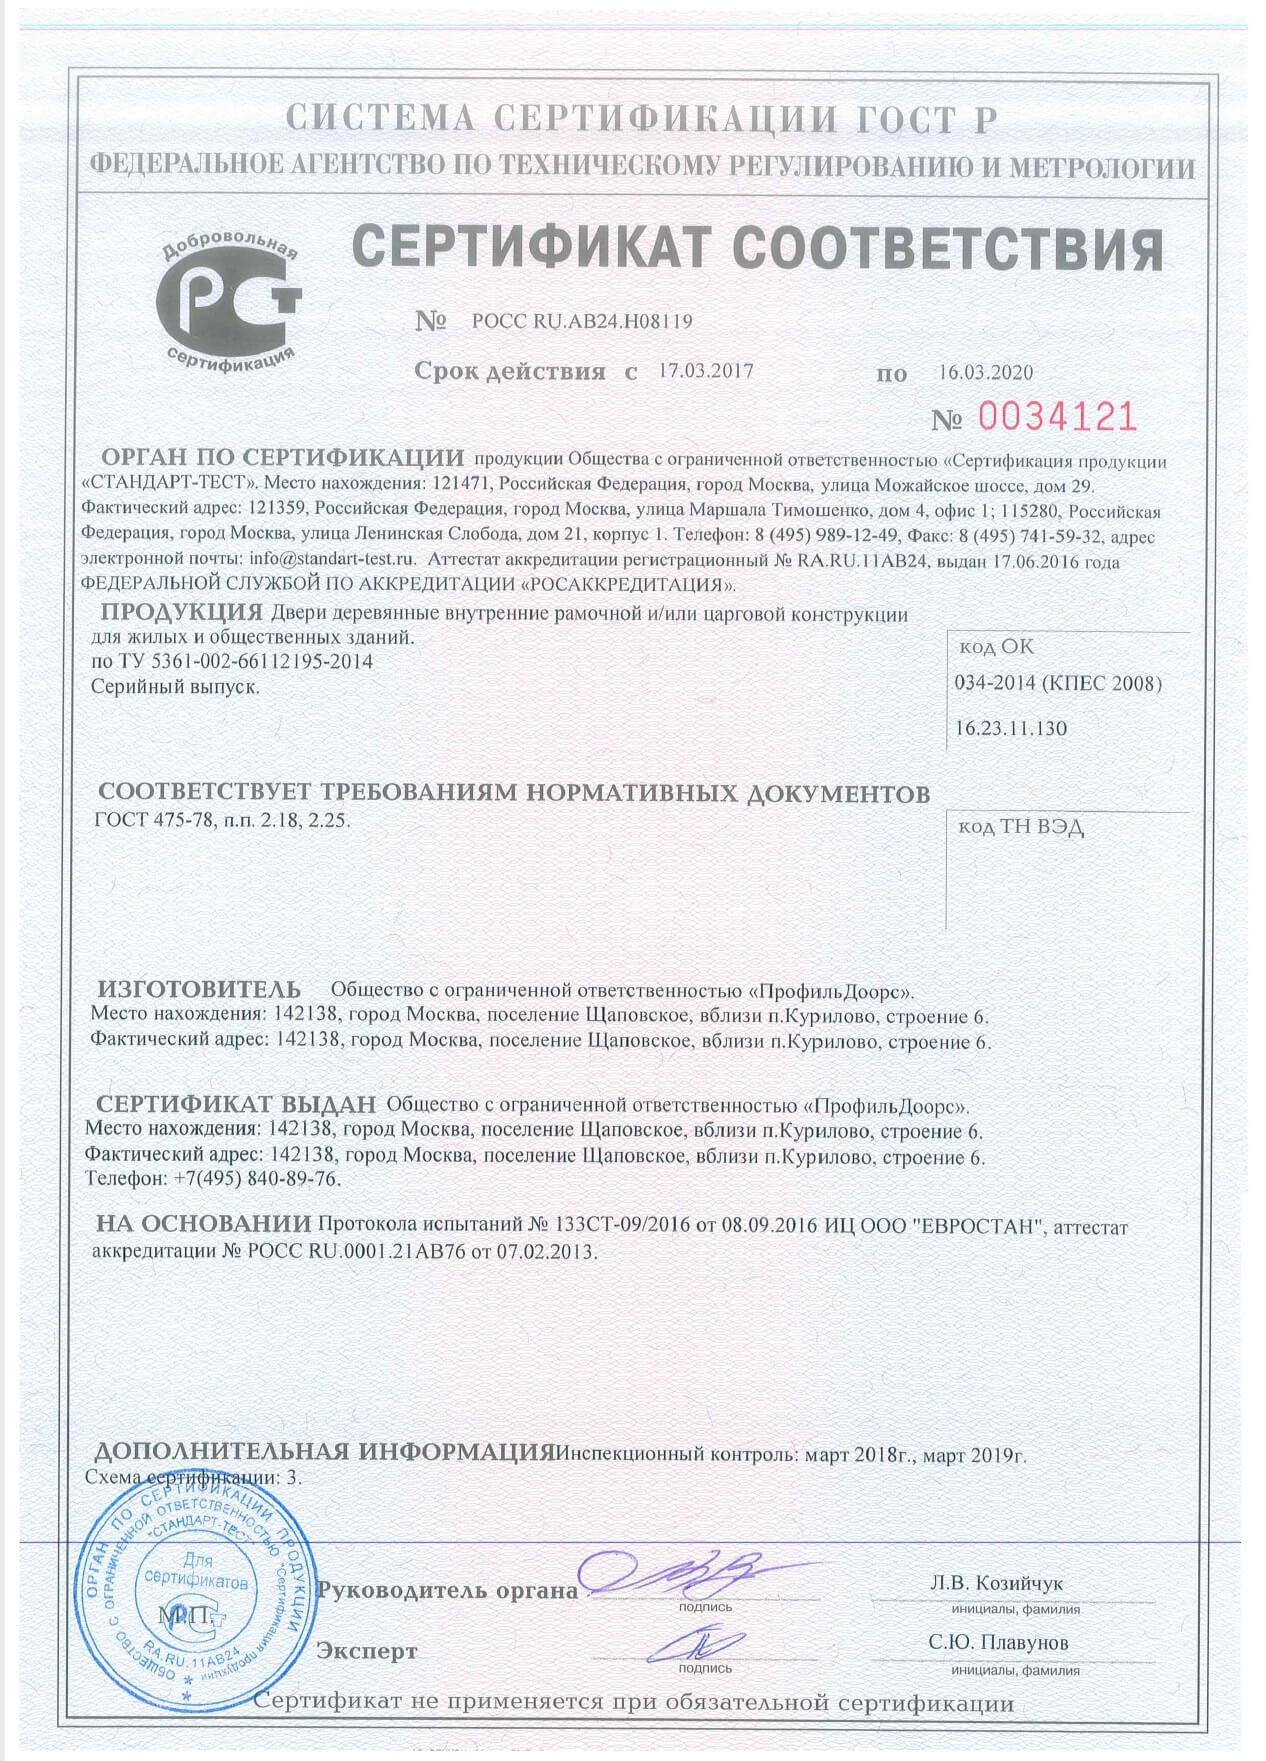 Сертификат соответствия Профиль Дорс